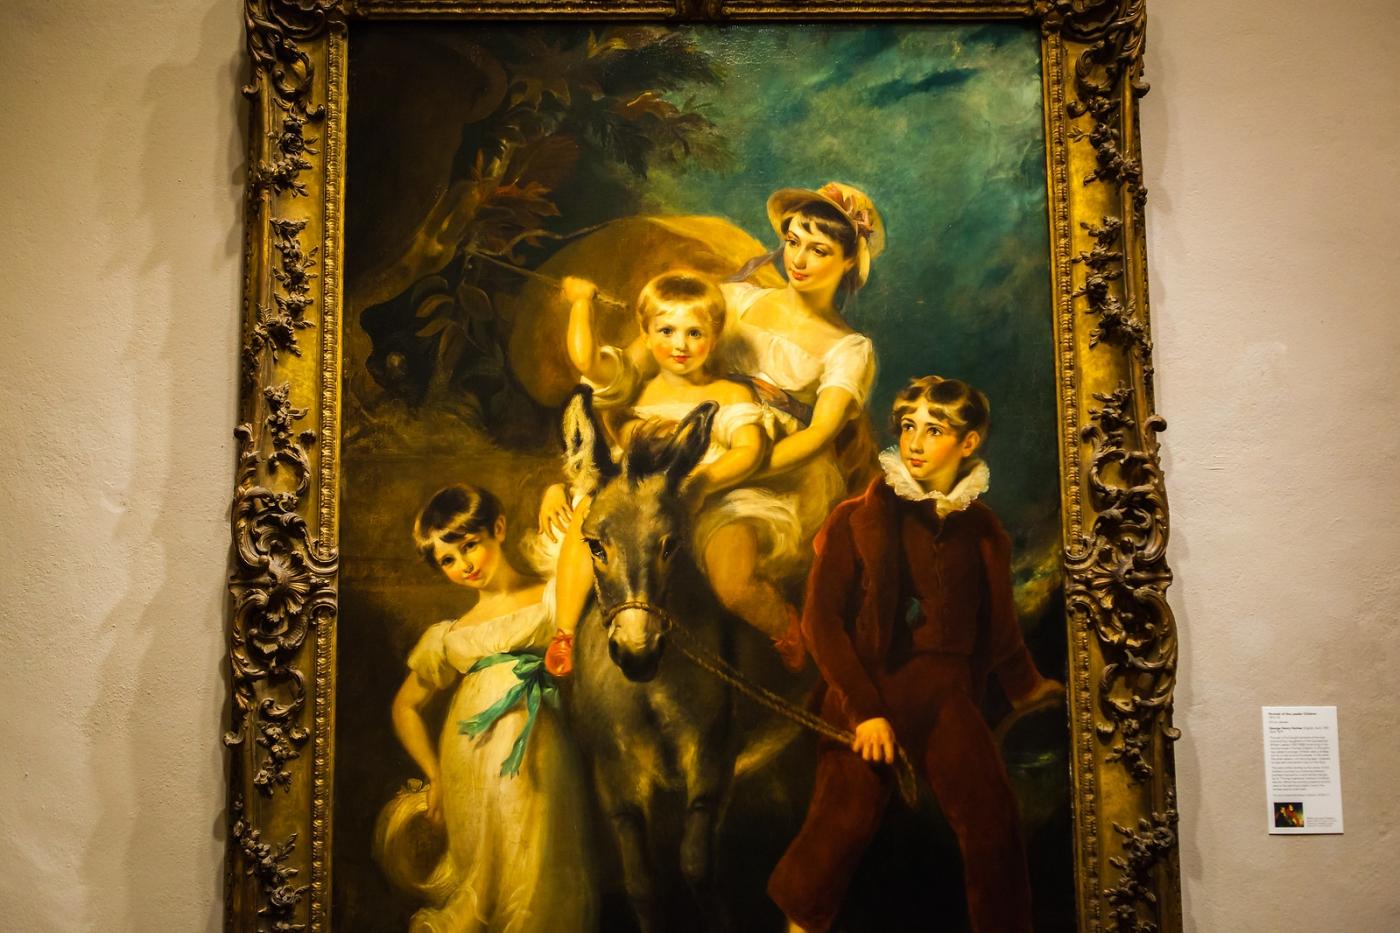 费城艺术馆,那些馆藏稀世油画_图1-2